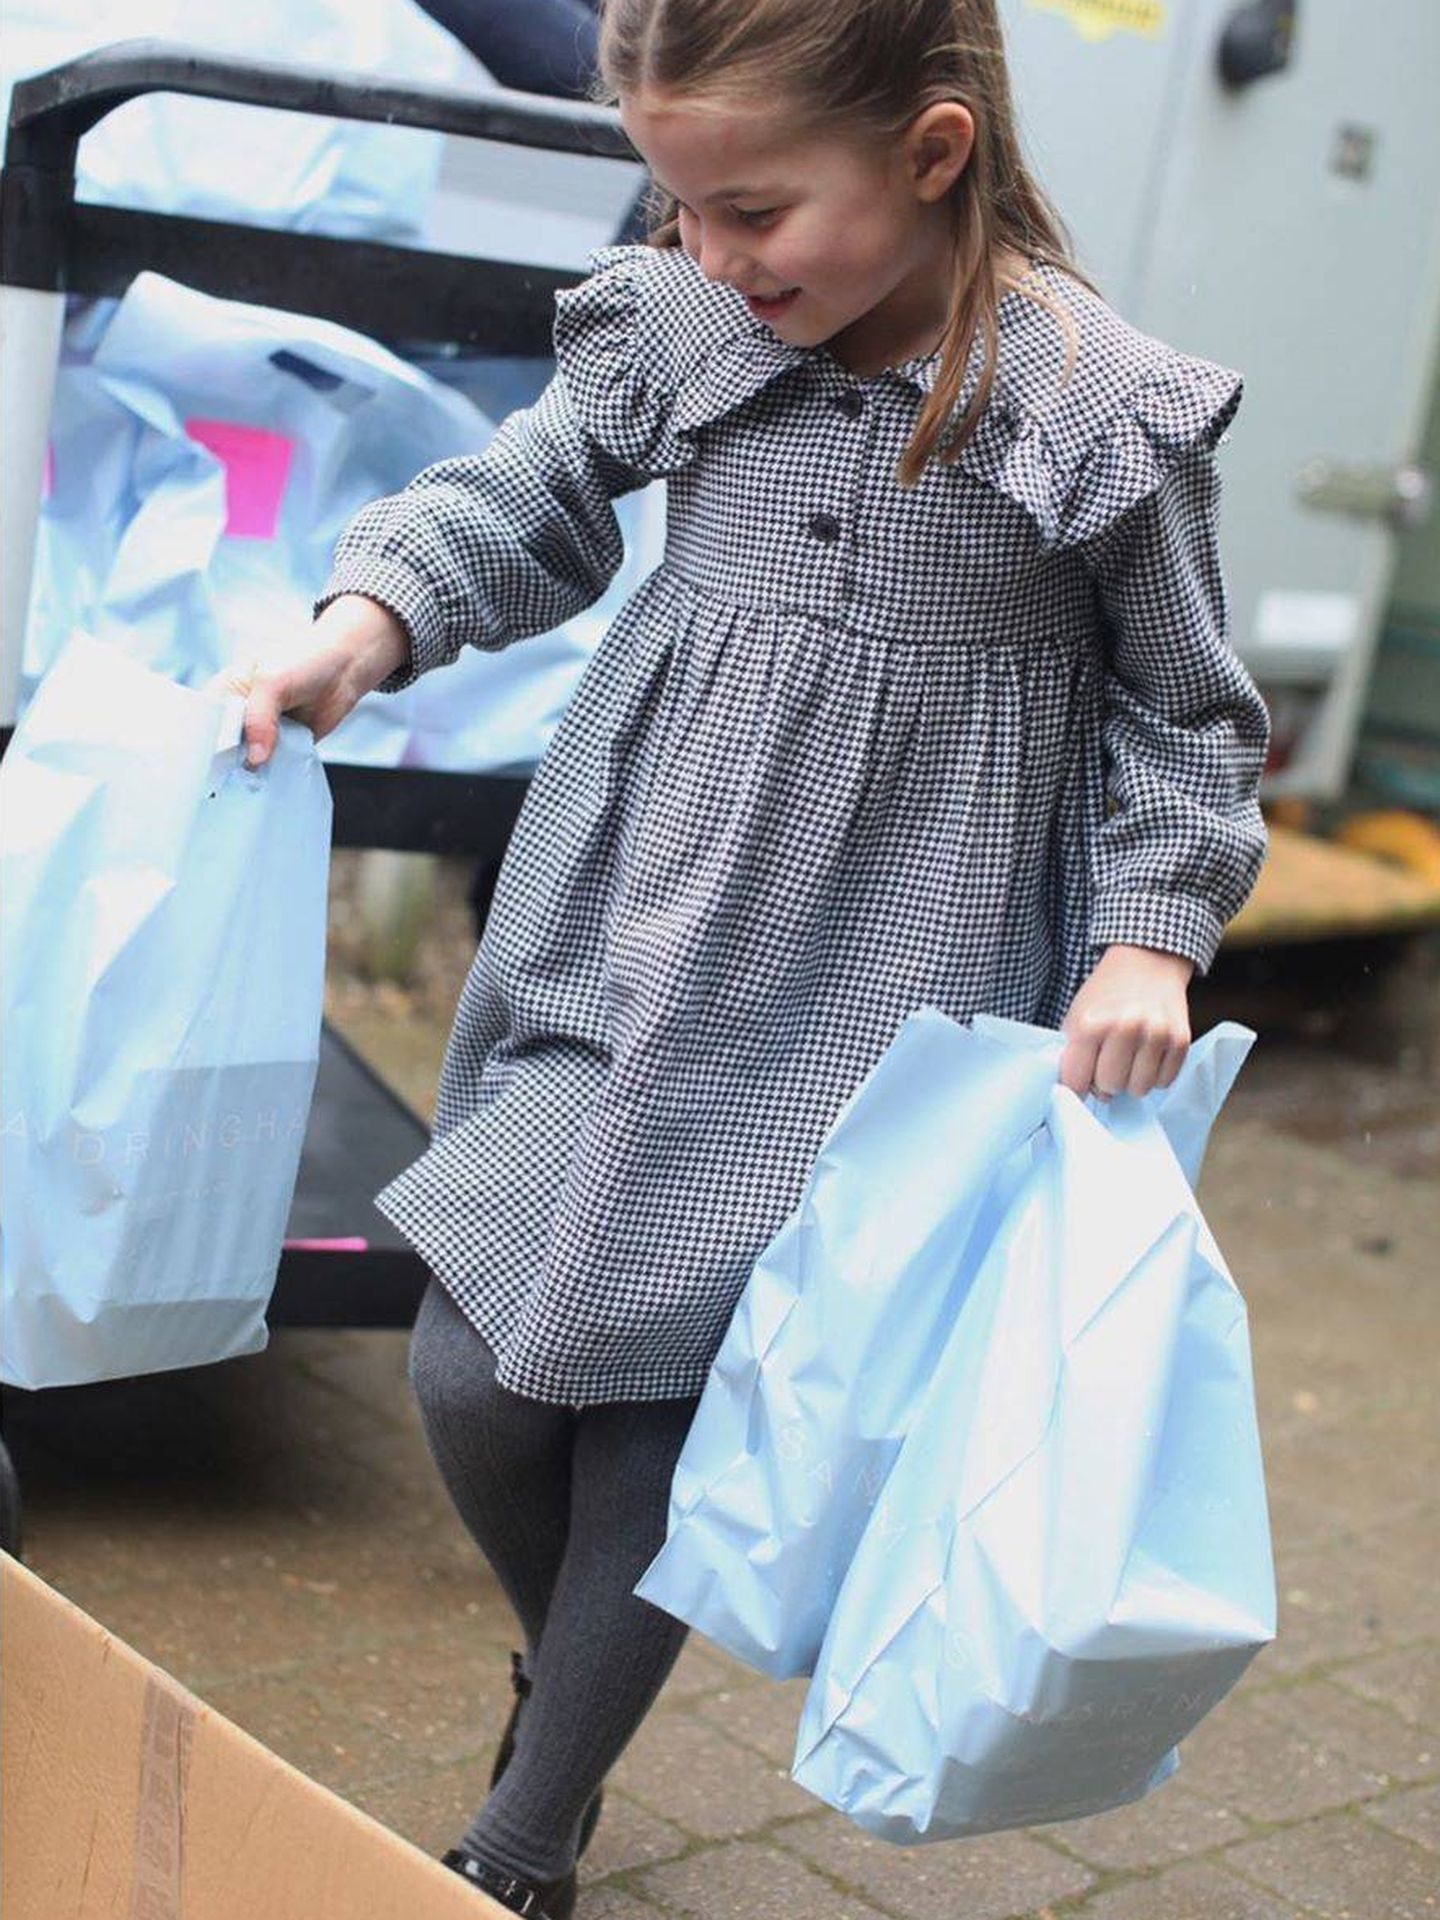 La pequeña princesa. (Kensington Palace)